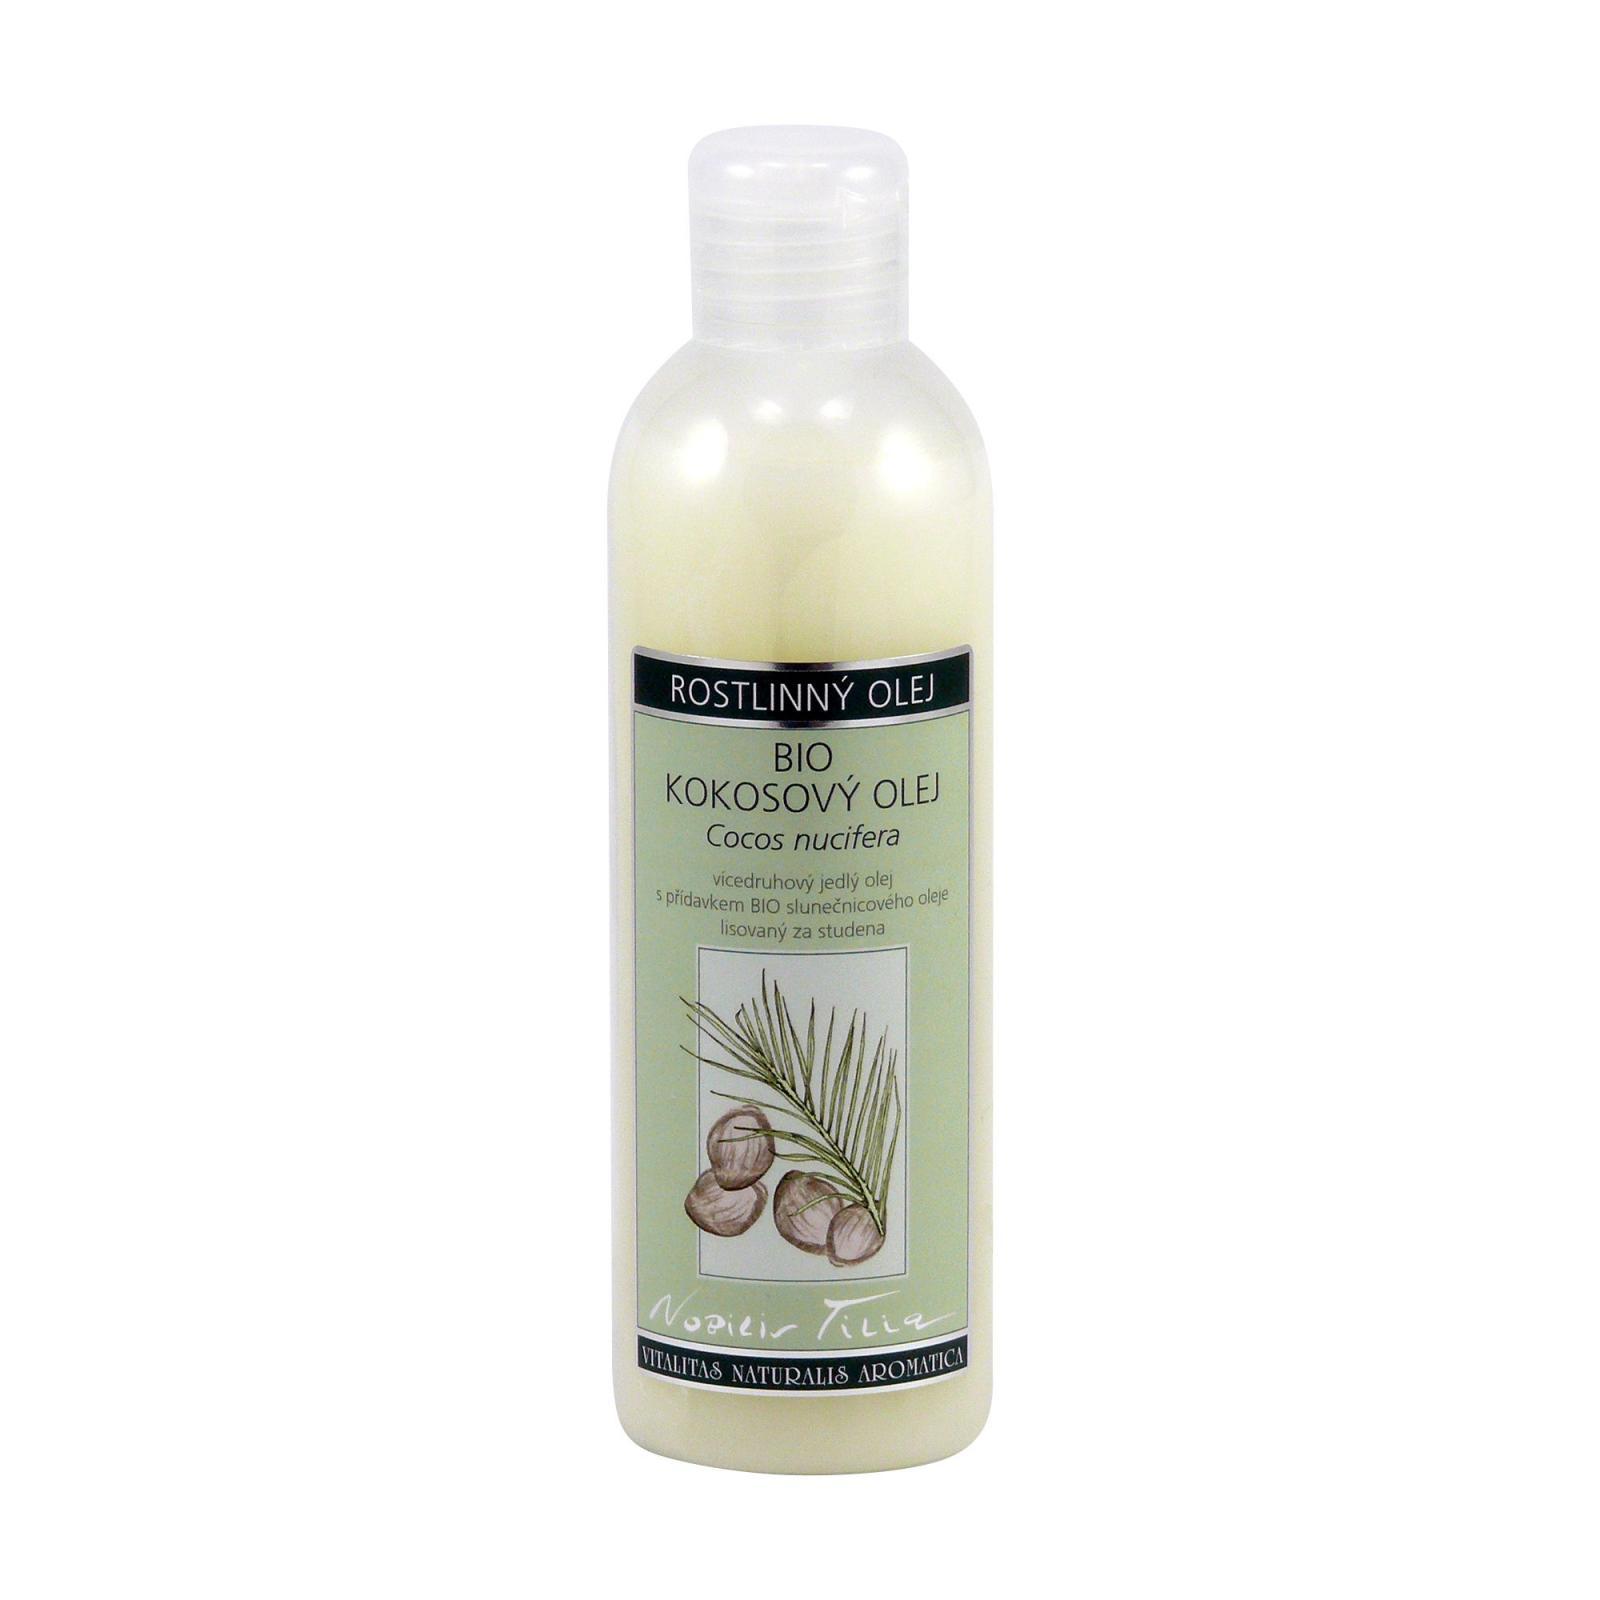 Nobilis Tilia Kokosový olej, bio 200 ml